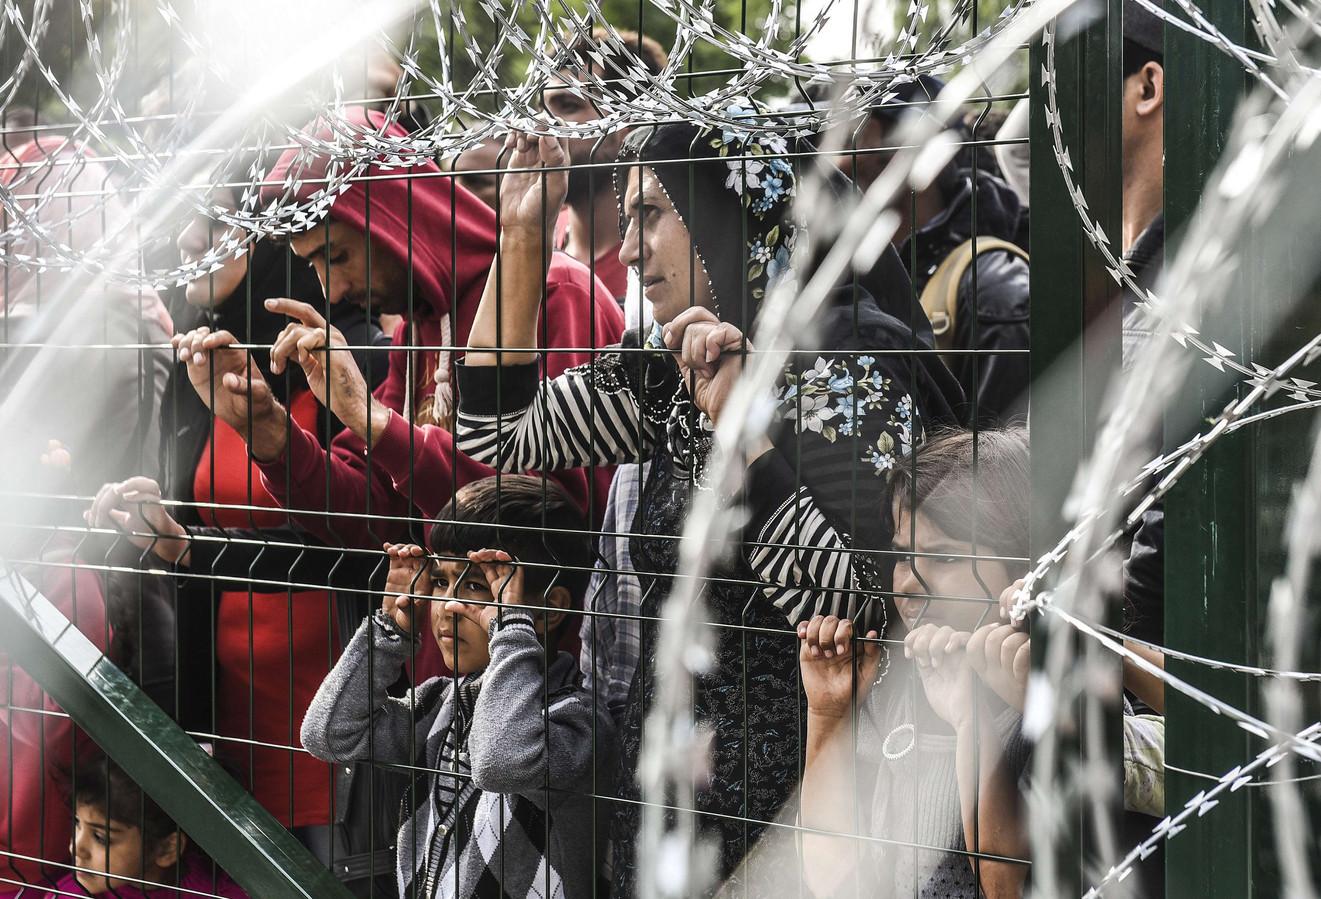 Vluchtelingen die voor een dichte Hongaarse grens staan. De nieuwe route leidt de vluchtelingen langs mijnenvelden in Kroatië.